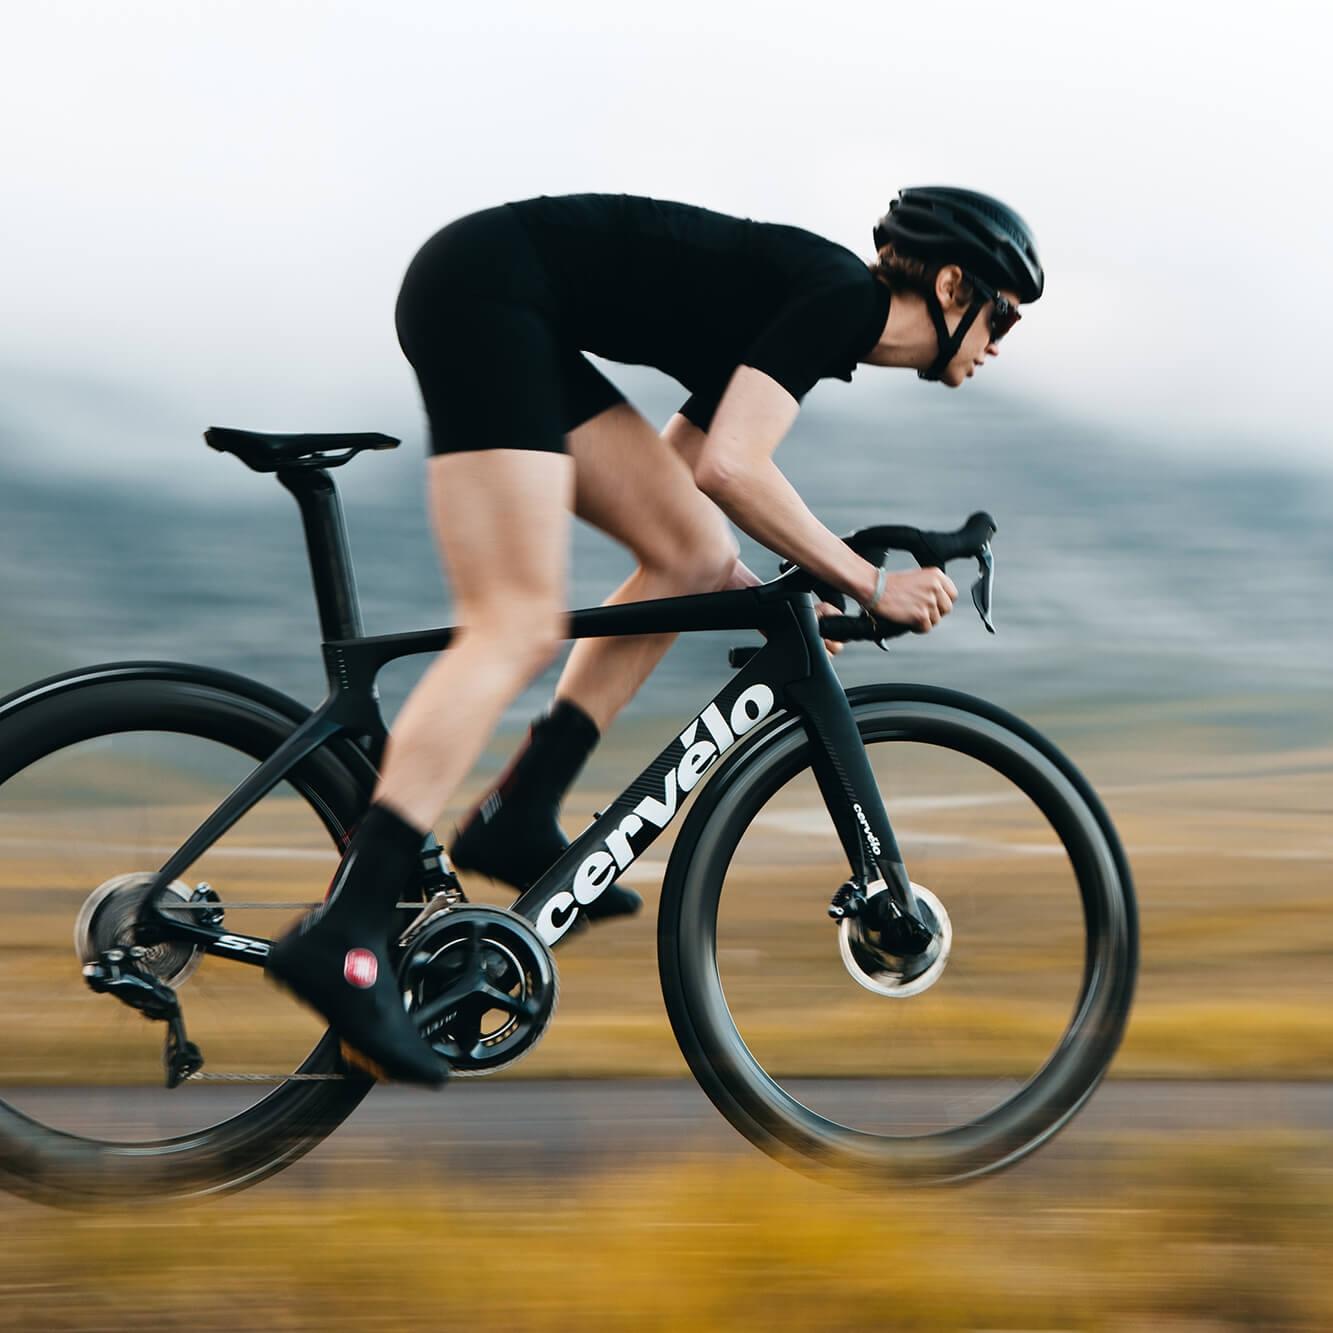 Cérvelo - Design e progettazione delle biciclette più veloci al mondo.